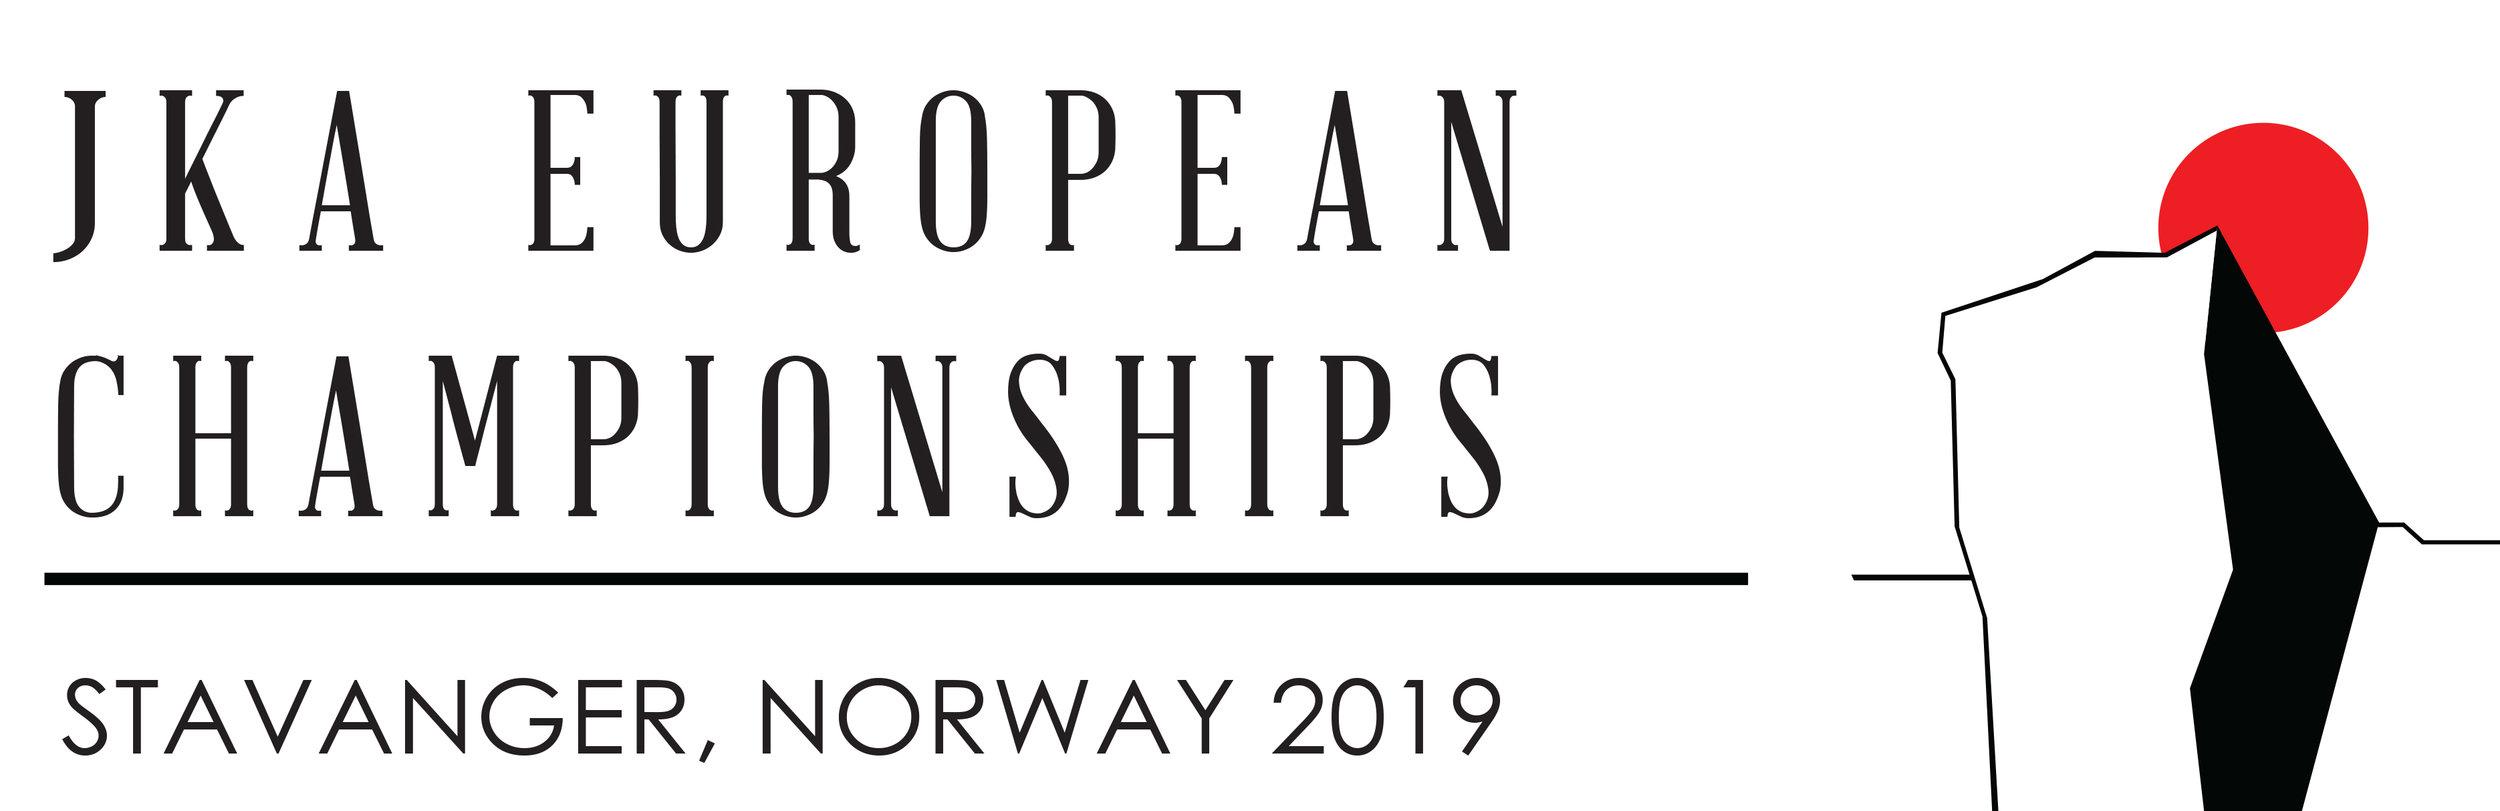 - ORS har inngått en sponsoravtale med europamesterskapet i JKA-karate (Japan Karate Association), som går av stabelen den 6. april 2019 i Stavanger. Over 300 utøvere fra 25 nasjoner skal kjempe om medaljer, heder og ære. Vi i ORS ønsker både arrangører og utøvere lykke til!